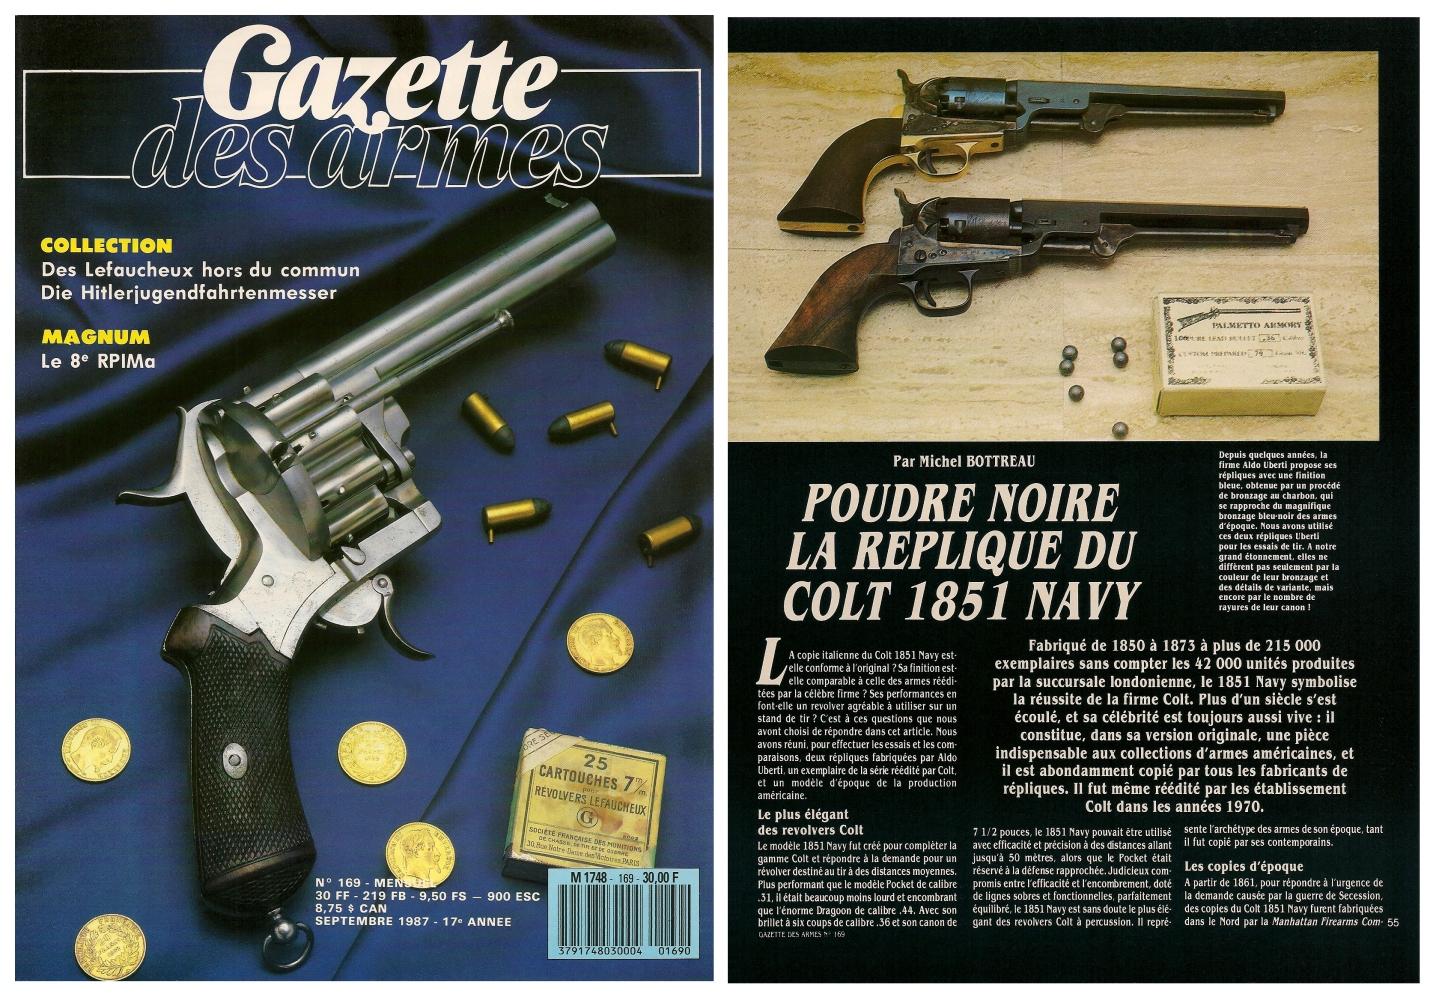 Le banc d'essai des répliques du Colt modèle 1851 Navy a été publié sur 7 pages dans le magazine Gazette des Armes n°169 (septembre 1987).